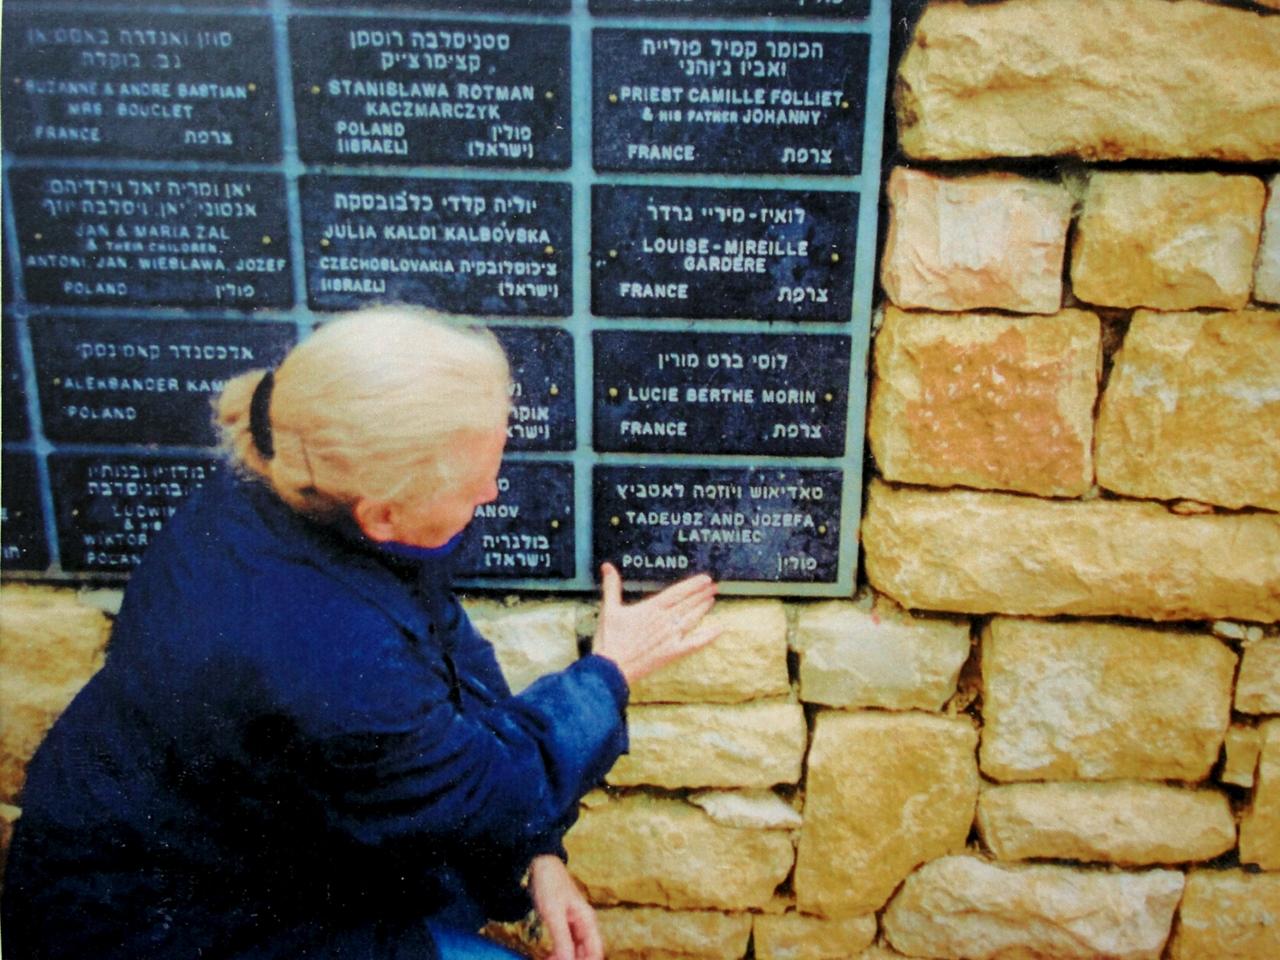 Nina Ecker w Ogrodzie Sprawiedliwych Instytutu Yad Vashem, fot. współczesna, wł. prywatna (źródło: materiały prasowe organizatora)